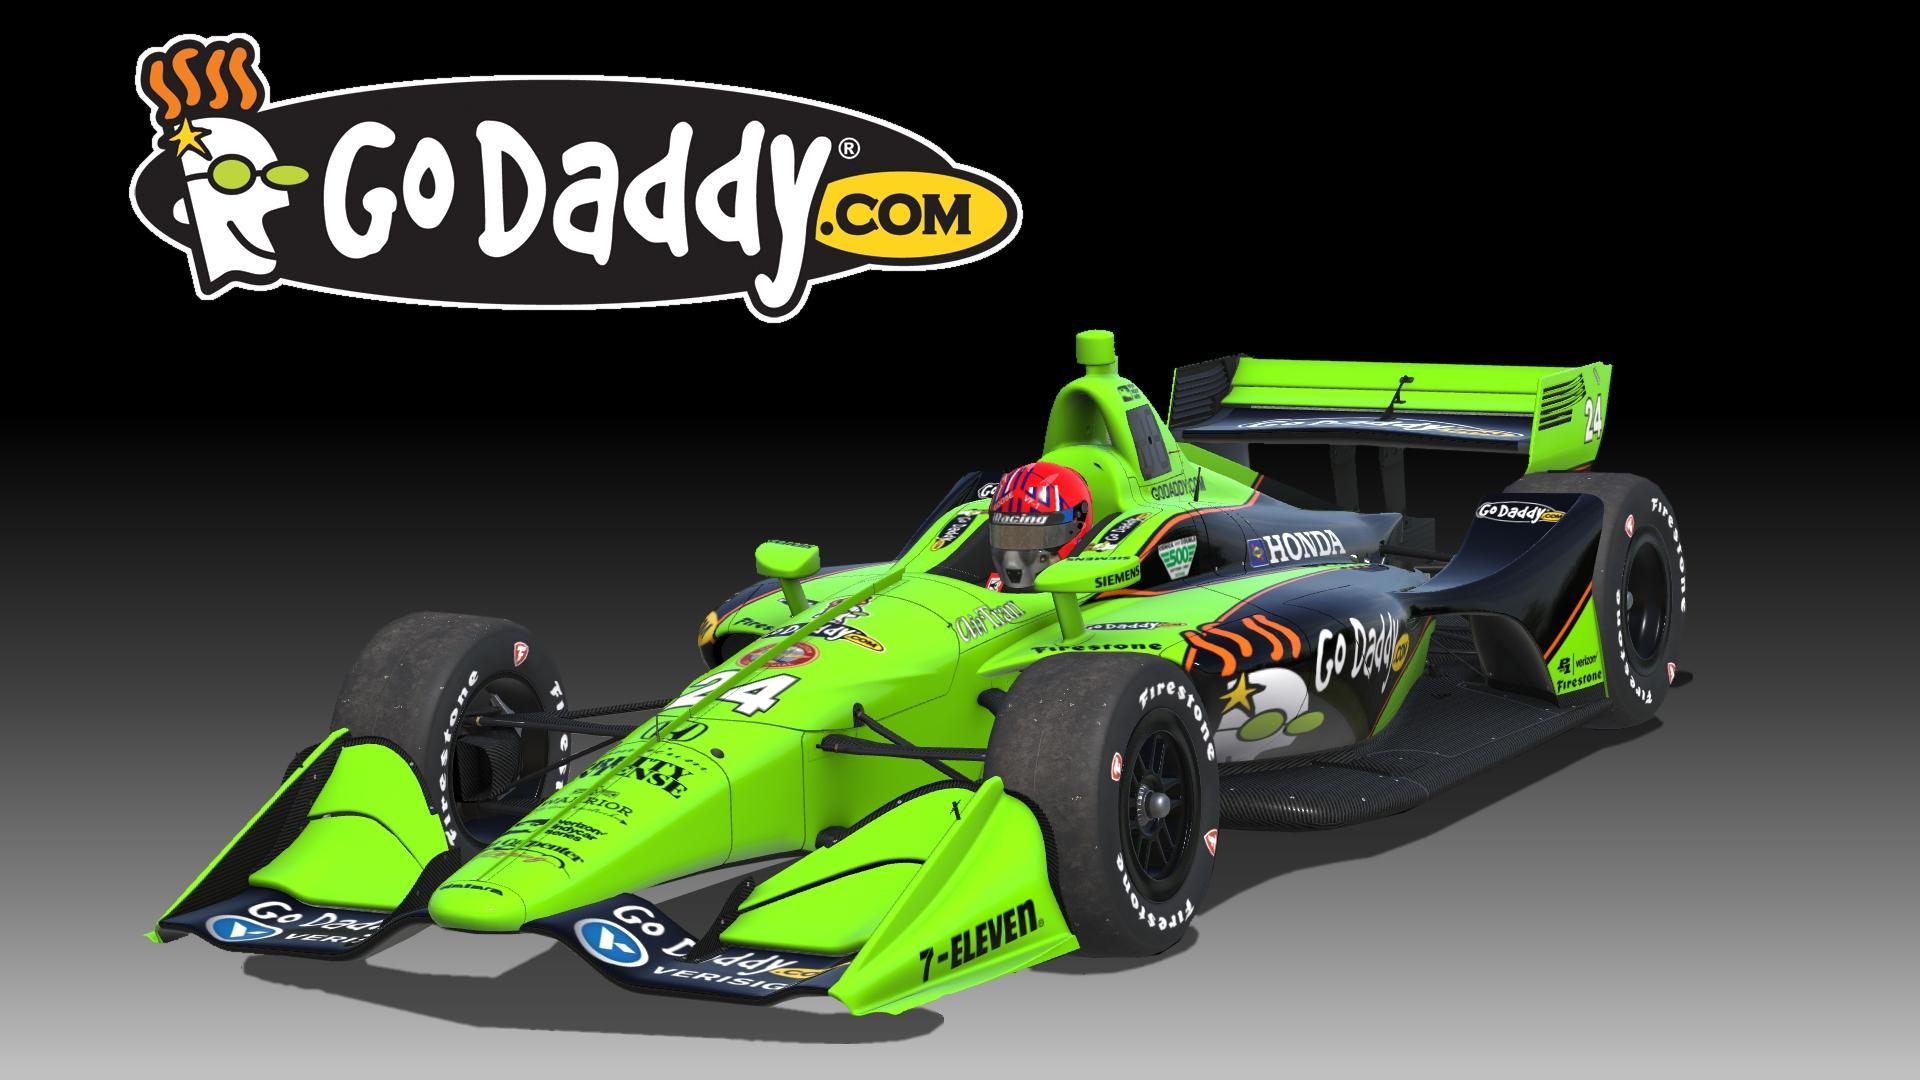 Preview of GoDaddy Dallara IR18 by Don Craig